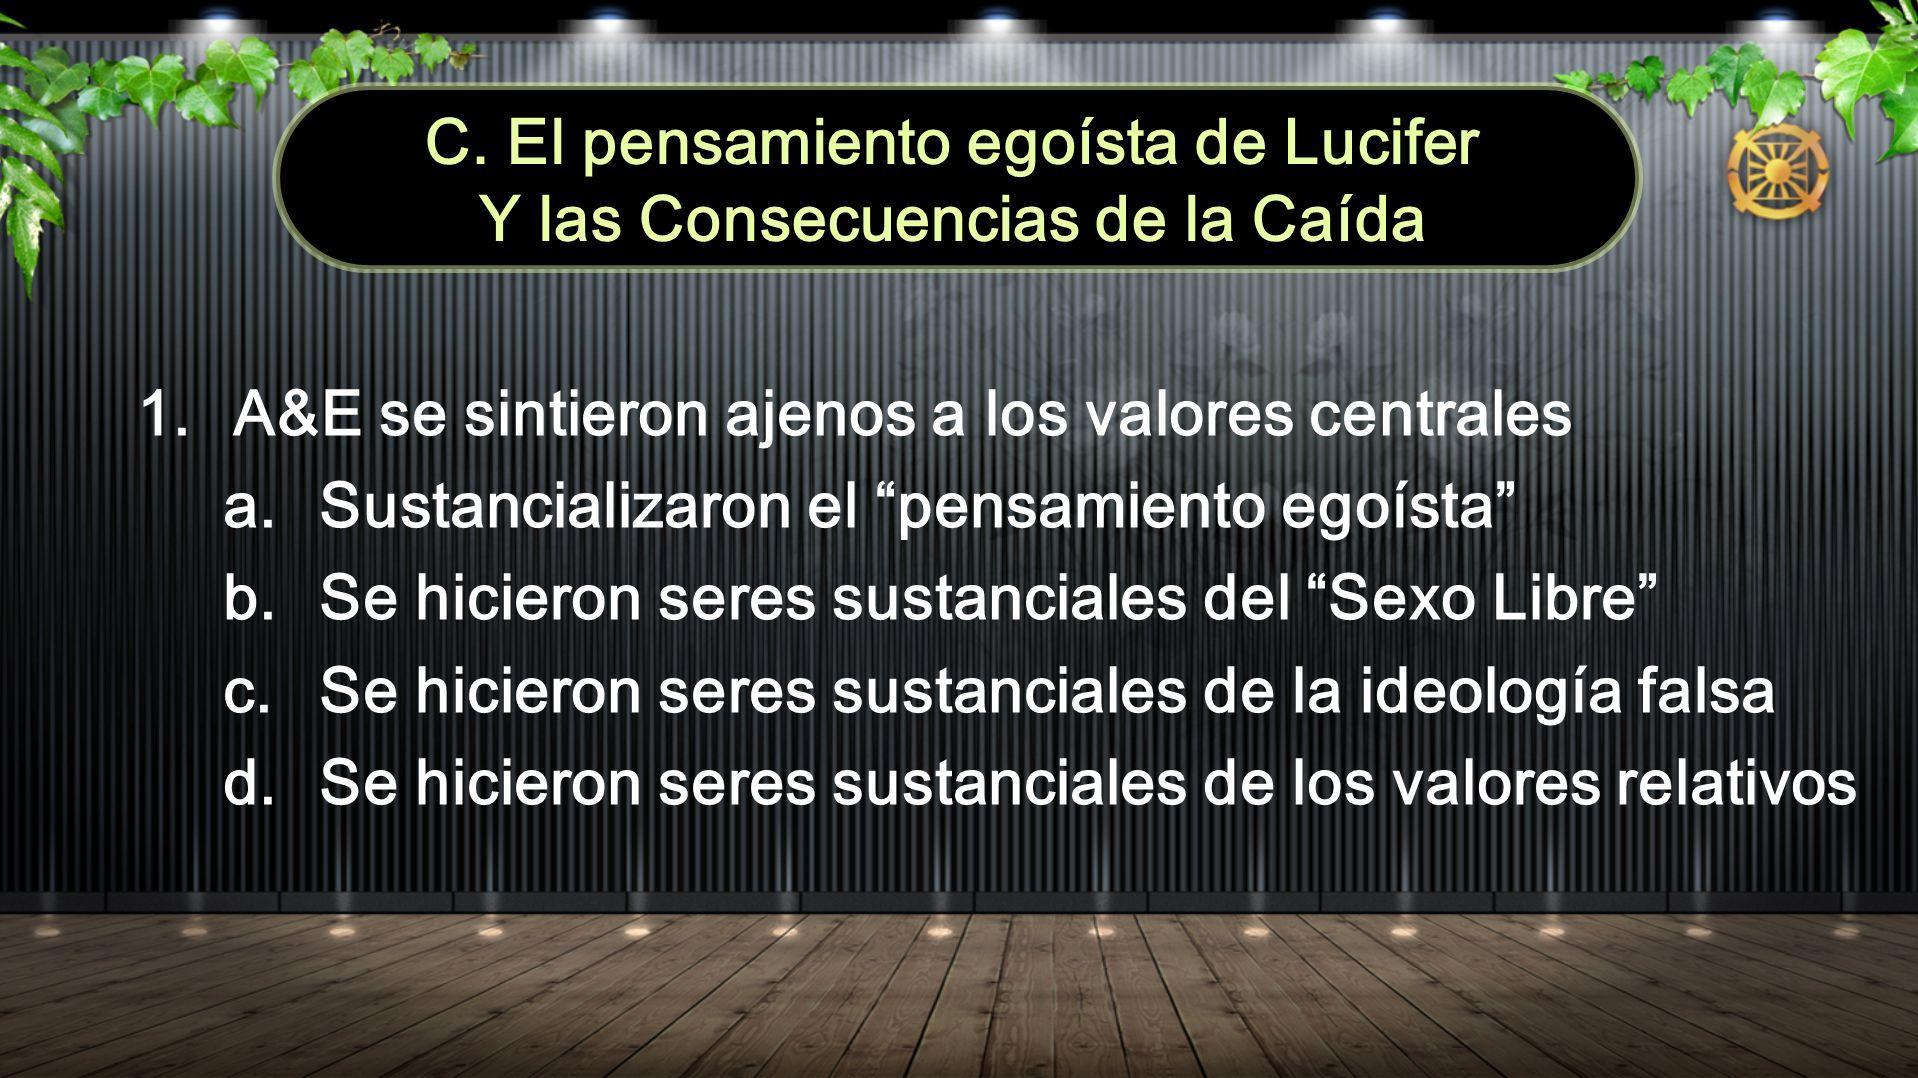 C. El pensamiento egoísta de Lucifer Y las Consecuencias de la Caída 1.A&E se sintieron ajenos a los valores centrales a.Sustancializaron el pensamien